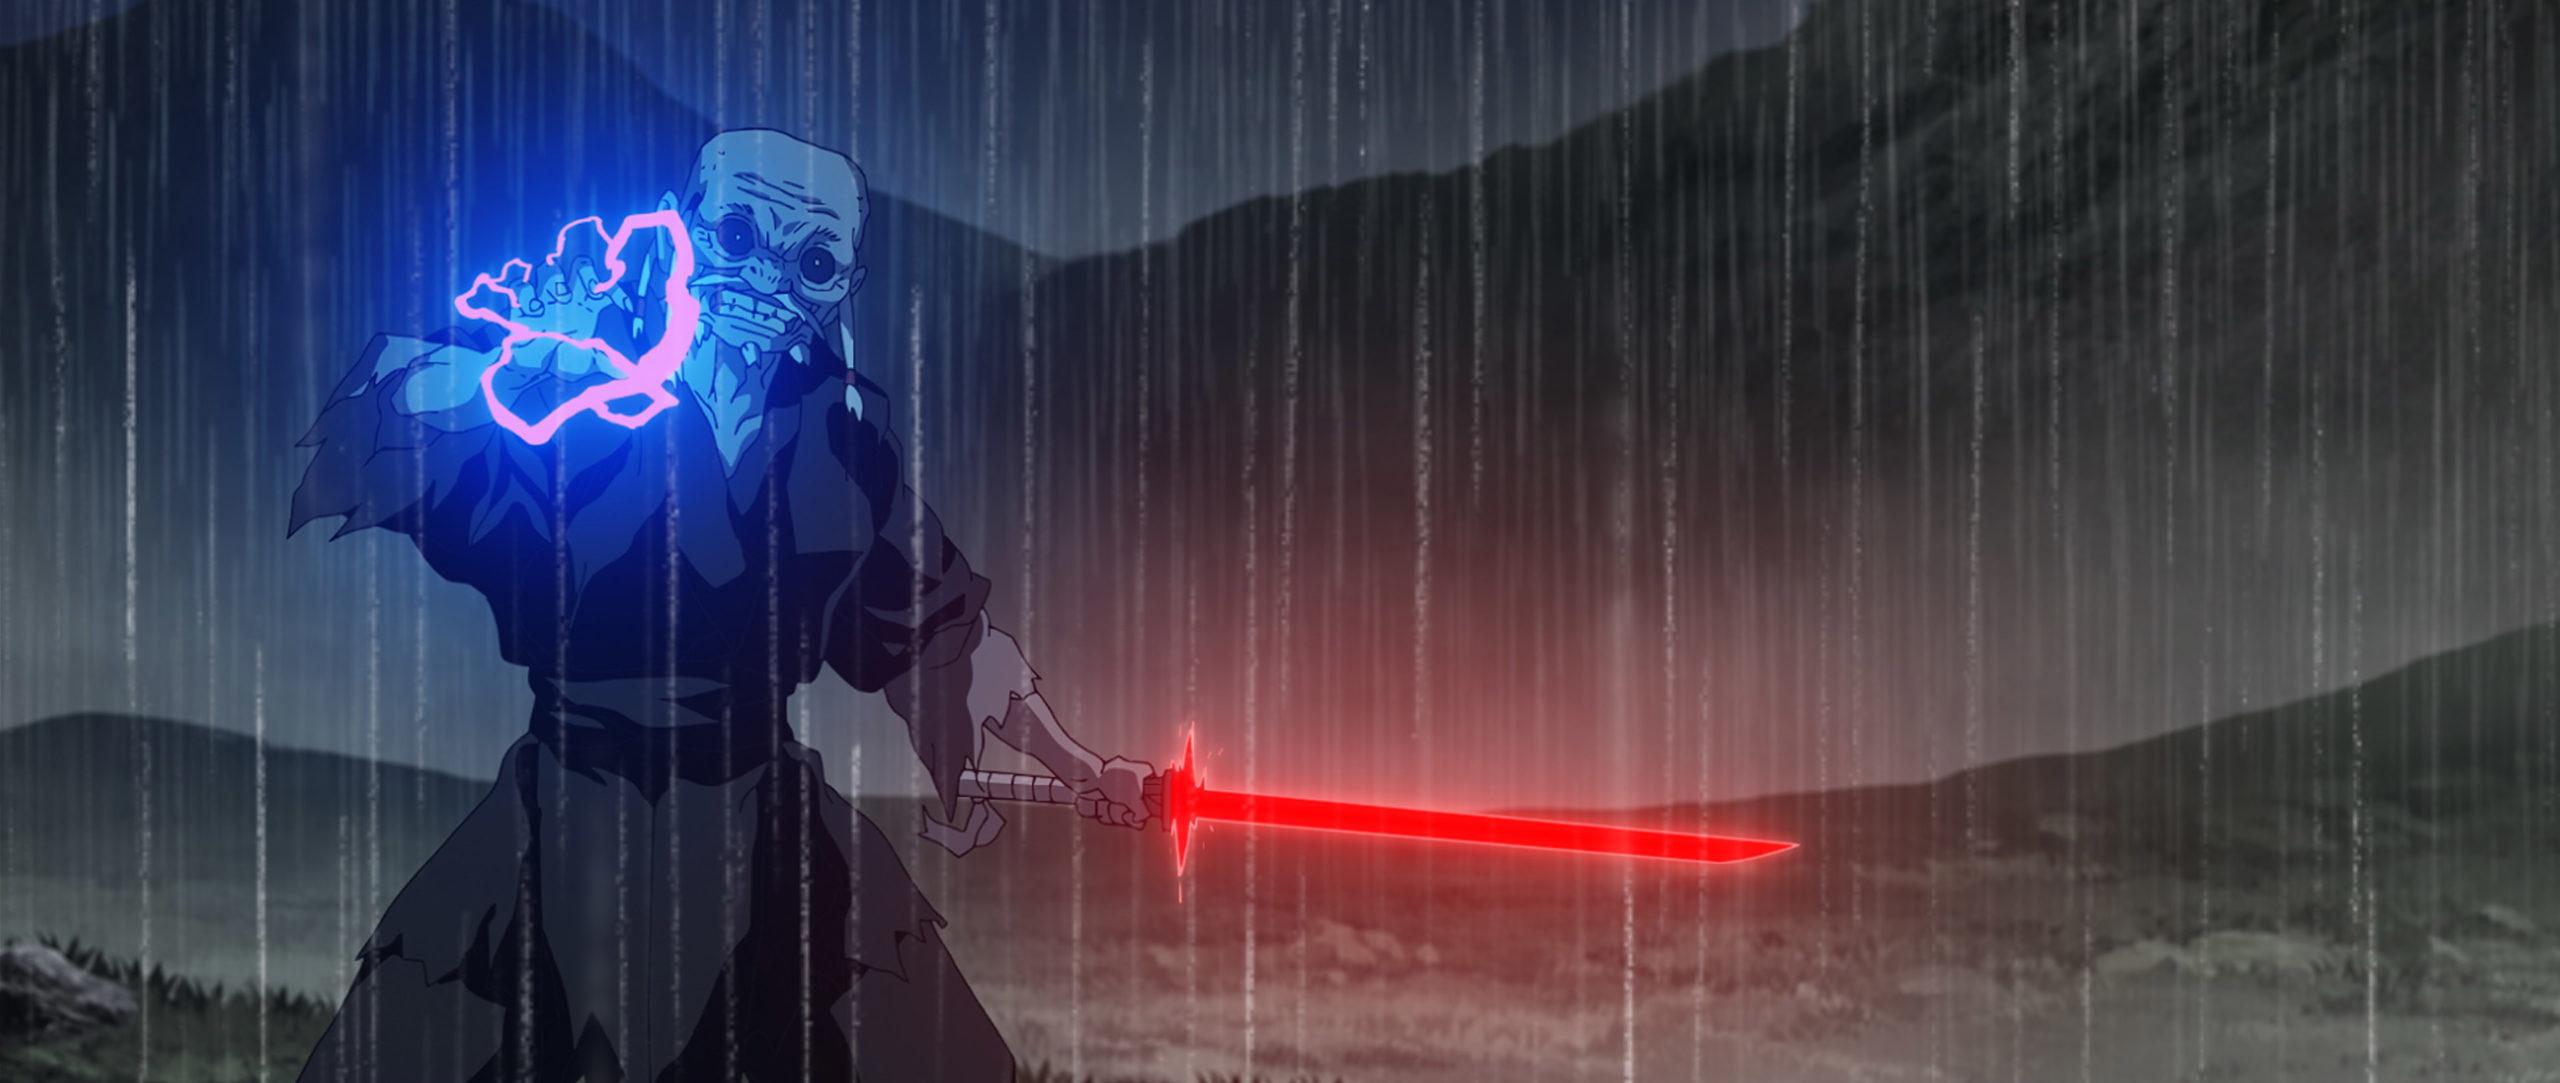 Star Wars Visions – Il trailer della serie in esclusiva su Disney + dal 22 settembre